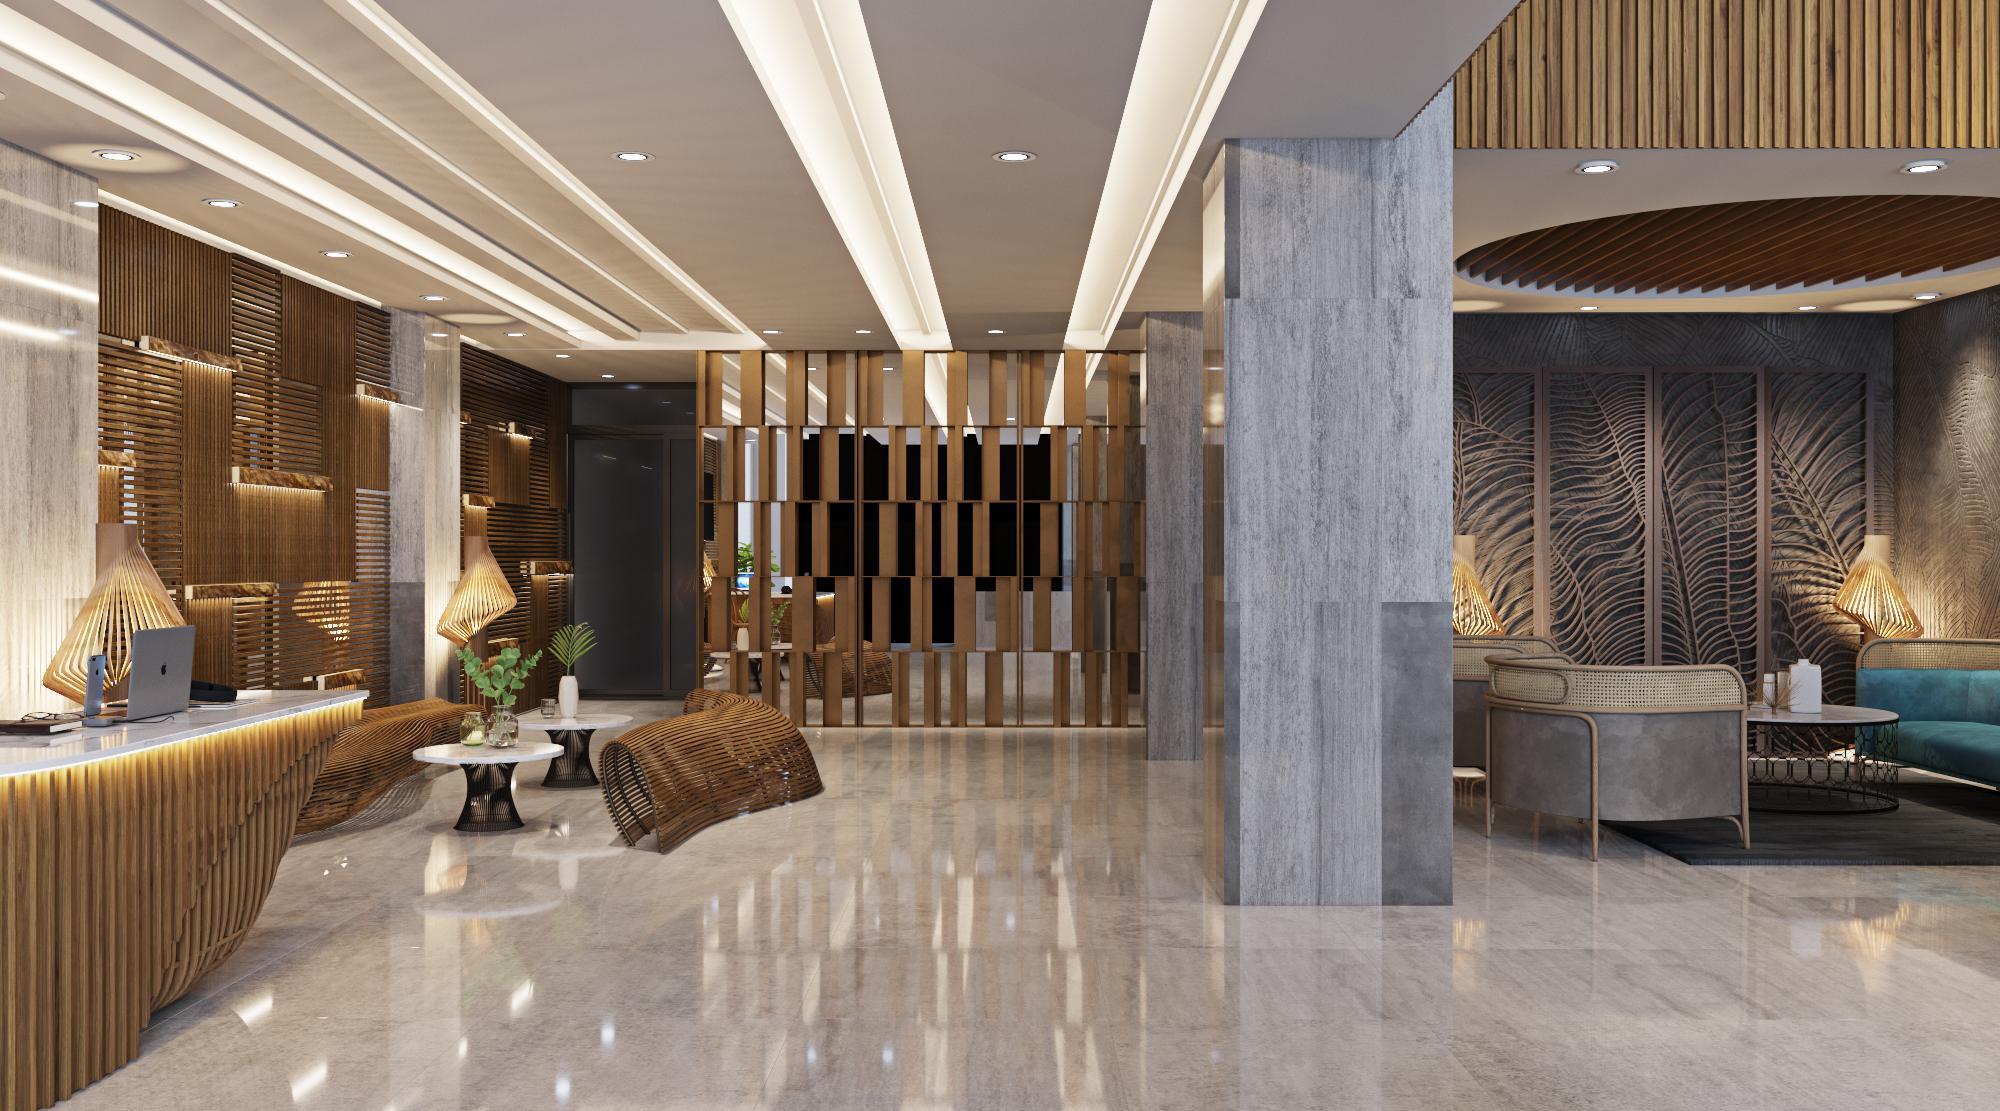 Khách Sạn Adora Hồ Chí Minh (Adora Hotel)